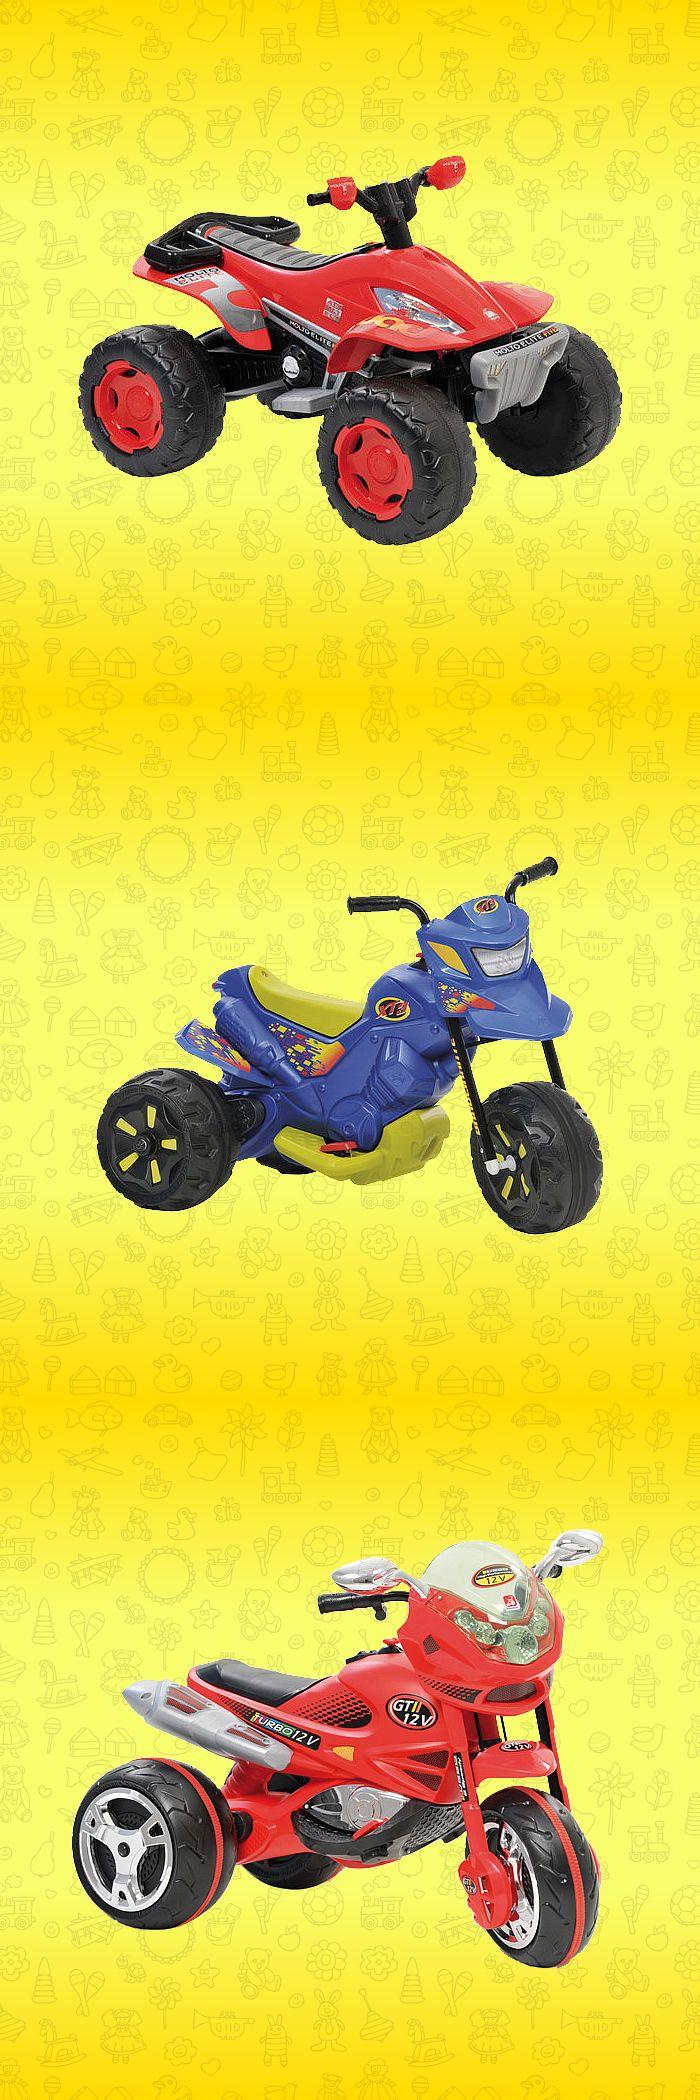 Garanta a diversão das crianças! Veja estes modelos de motos elétricas: http://www.colombo.com.br/produto/Brinquedos/Motos-Eletricas?utm_source=Pinterest&utm_medium=Post&utm_content=Motos-Eletricas&utm_campaign=Produto-3jan14-14h